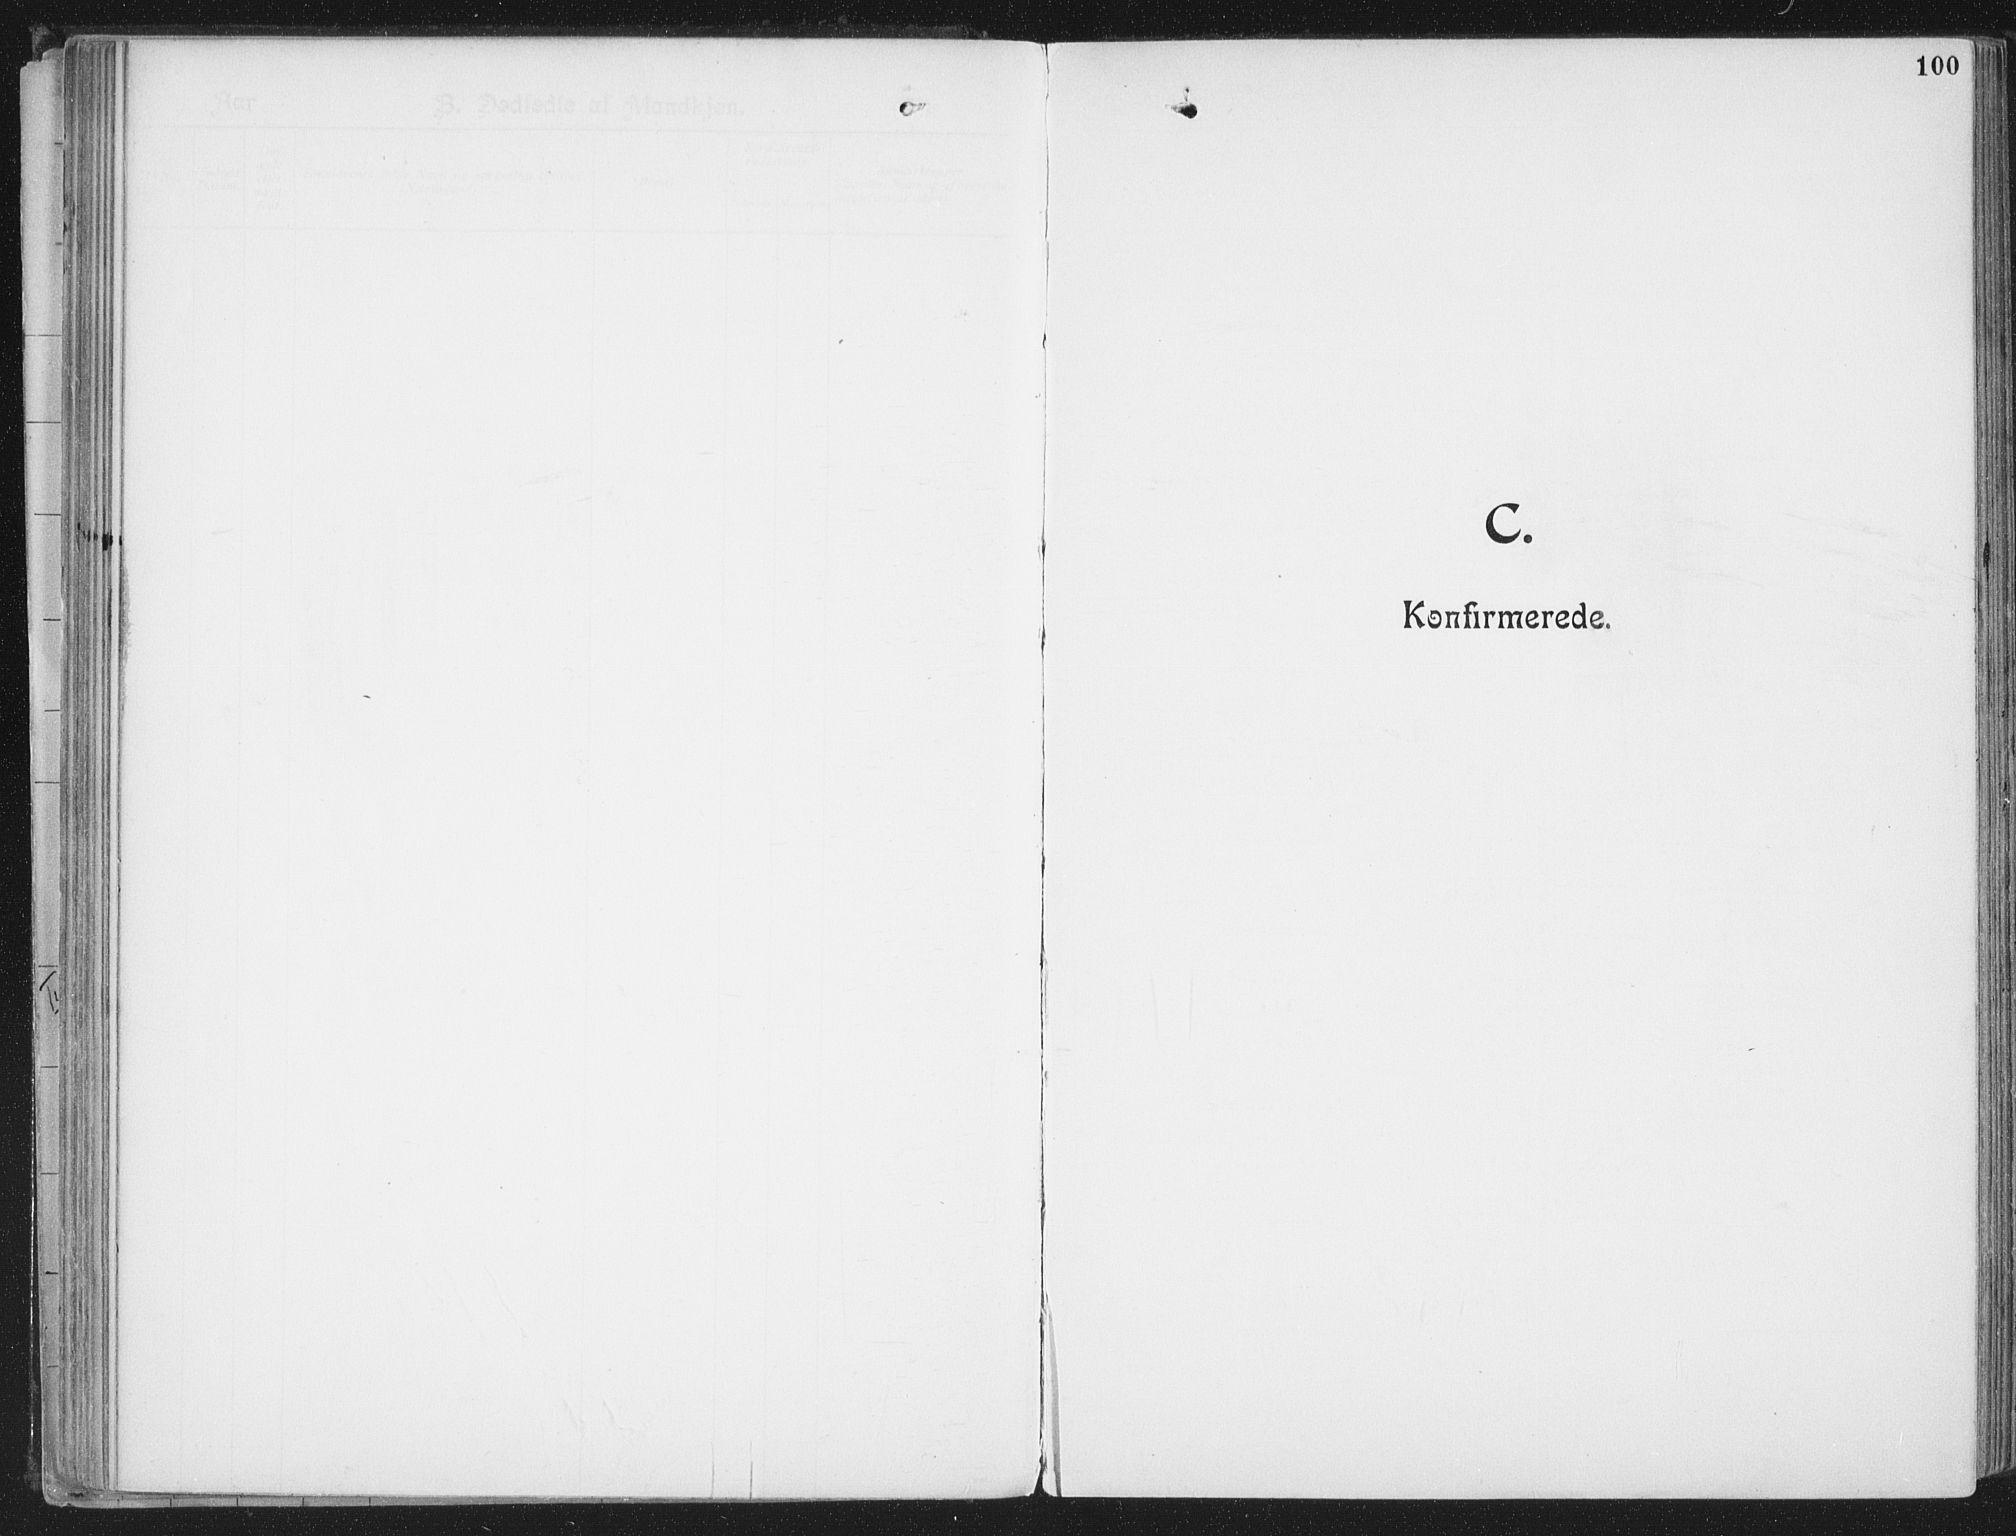 SAT, Ministerialprotokoller, klokkerbøker og fødselsregistre - Nordland, 804/L0081: Parish register (official) no. 804A02, 1901-1915, p. 100